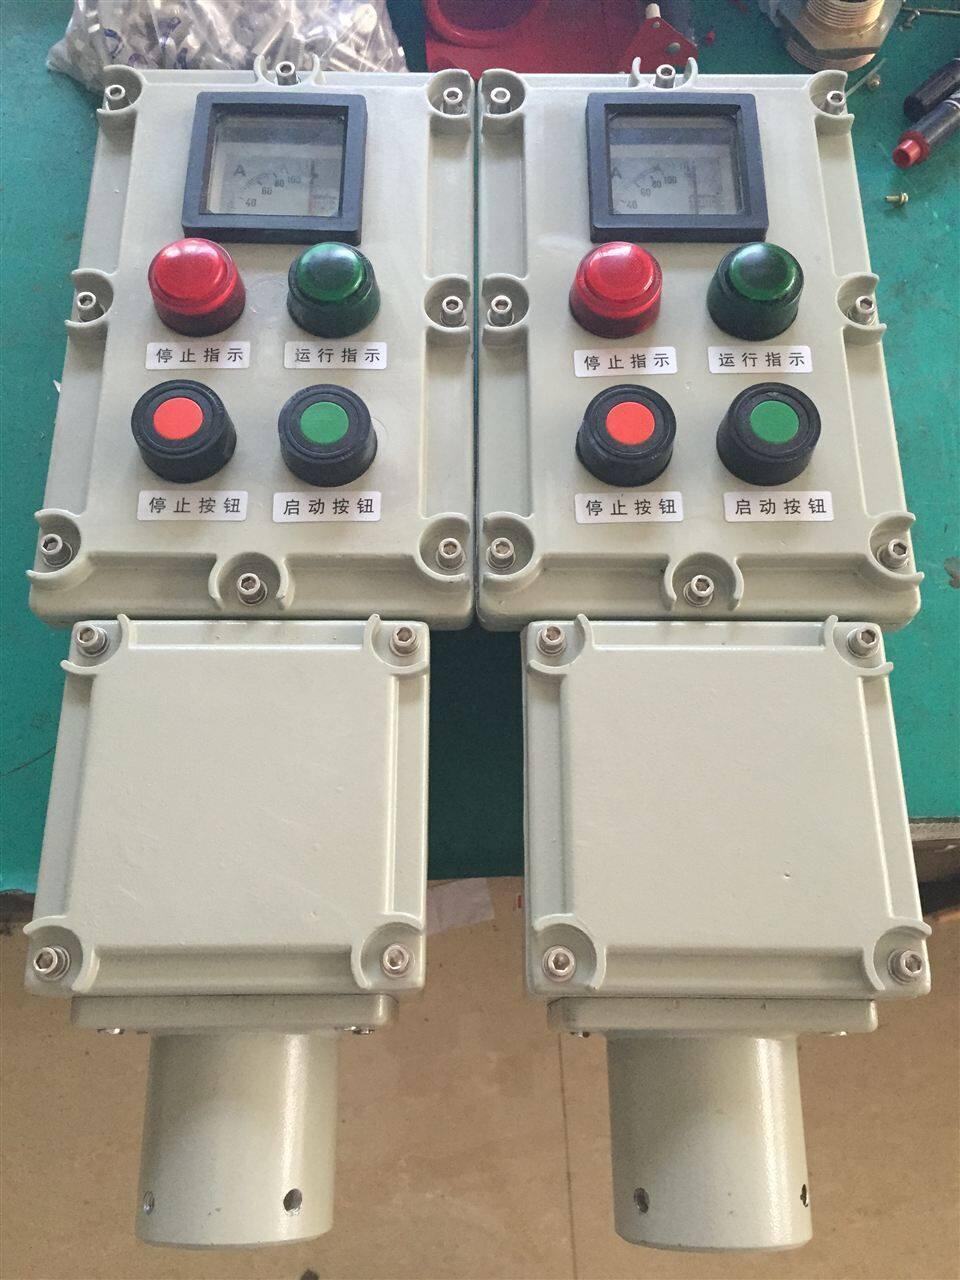 有电流表的操作柱还可对电机运行或电路情况进行监测之用,也可对水泵